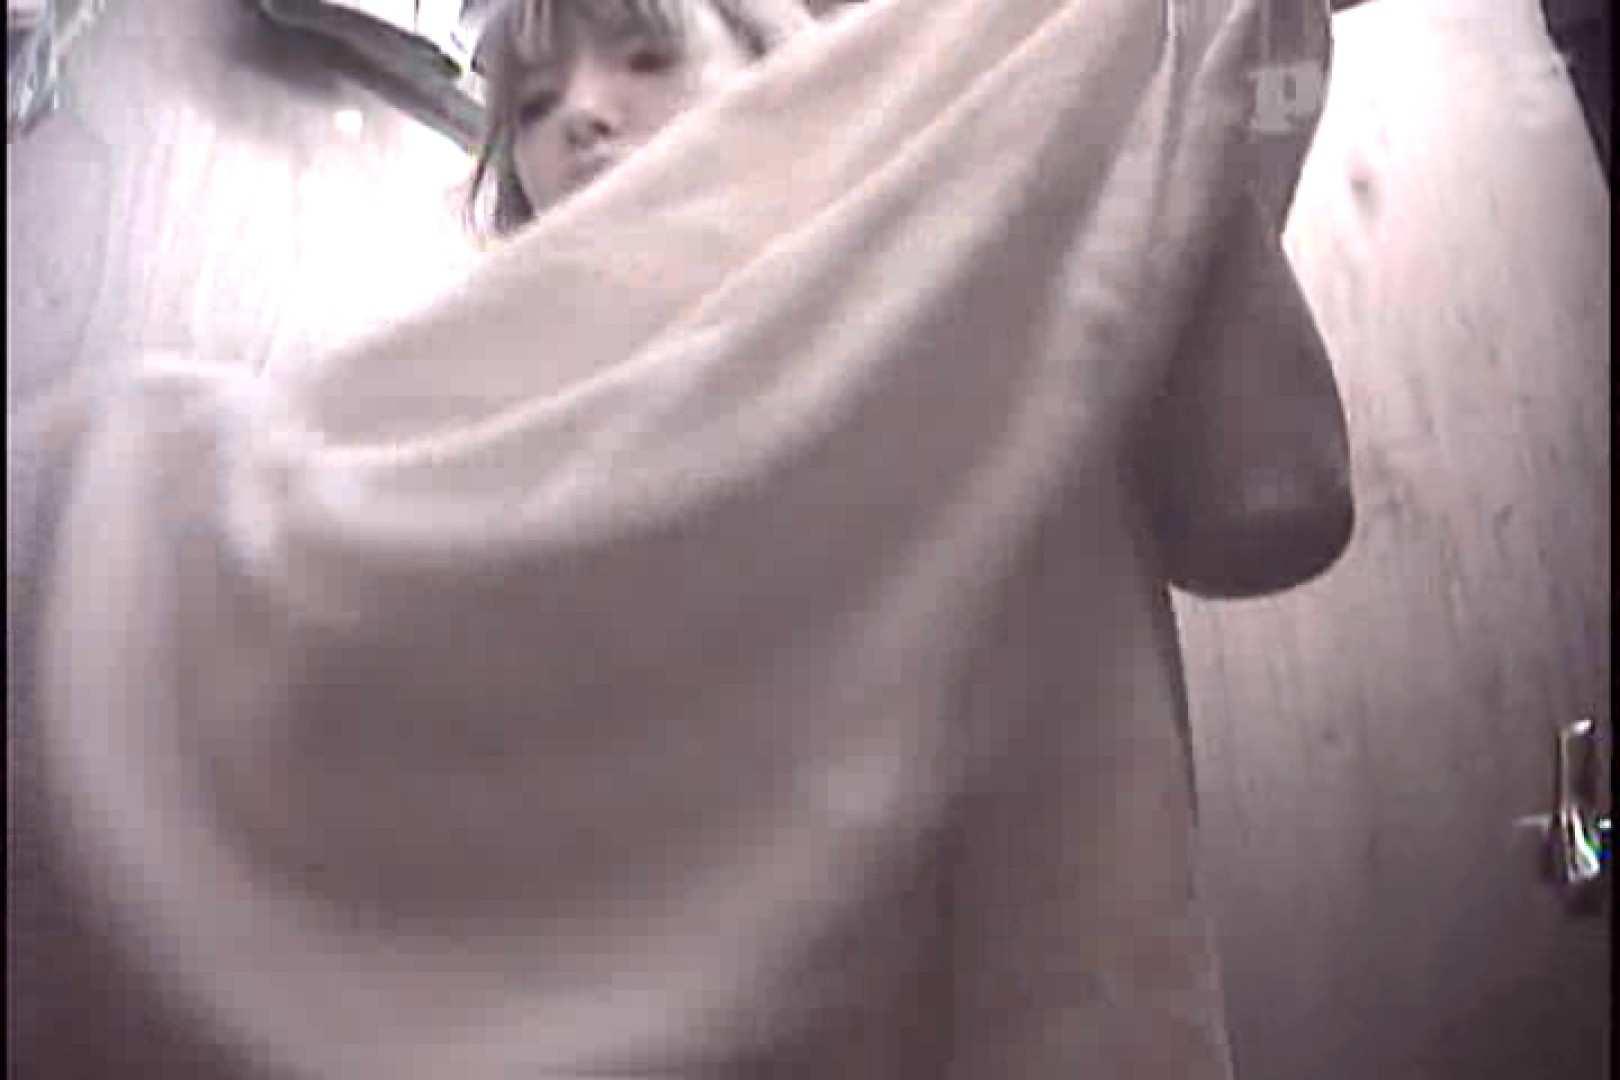 PoPoさんのシャワールームは危険な香り Vol.04 シャワー | 0  82画像 11